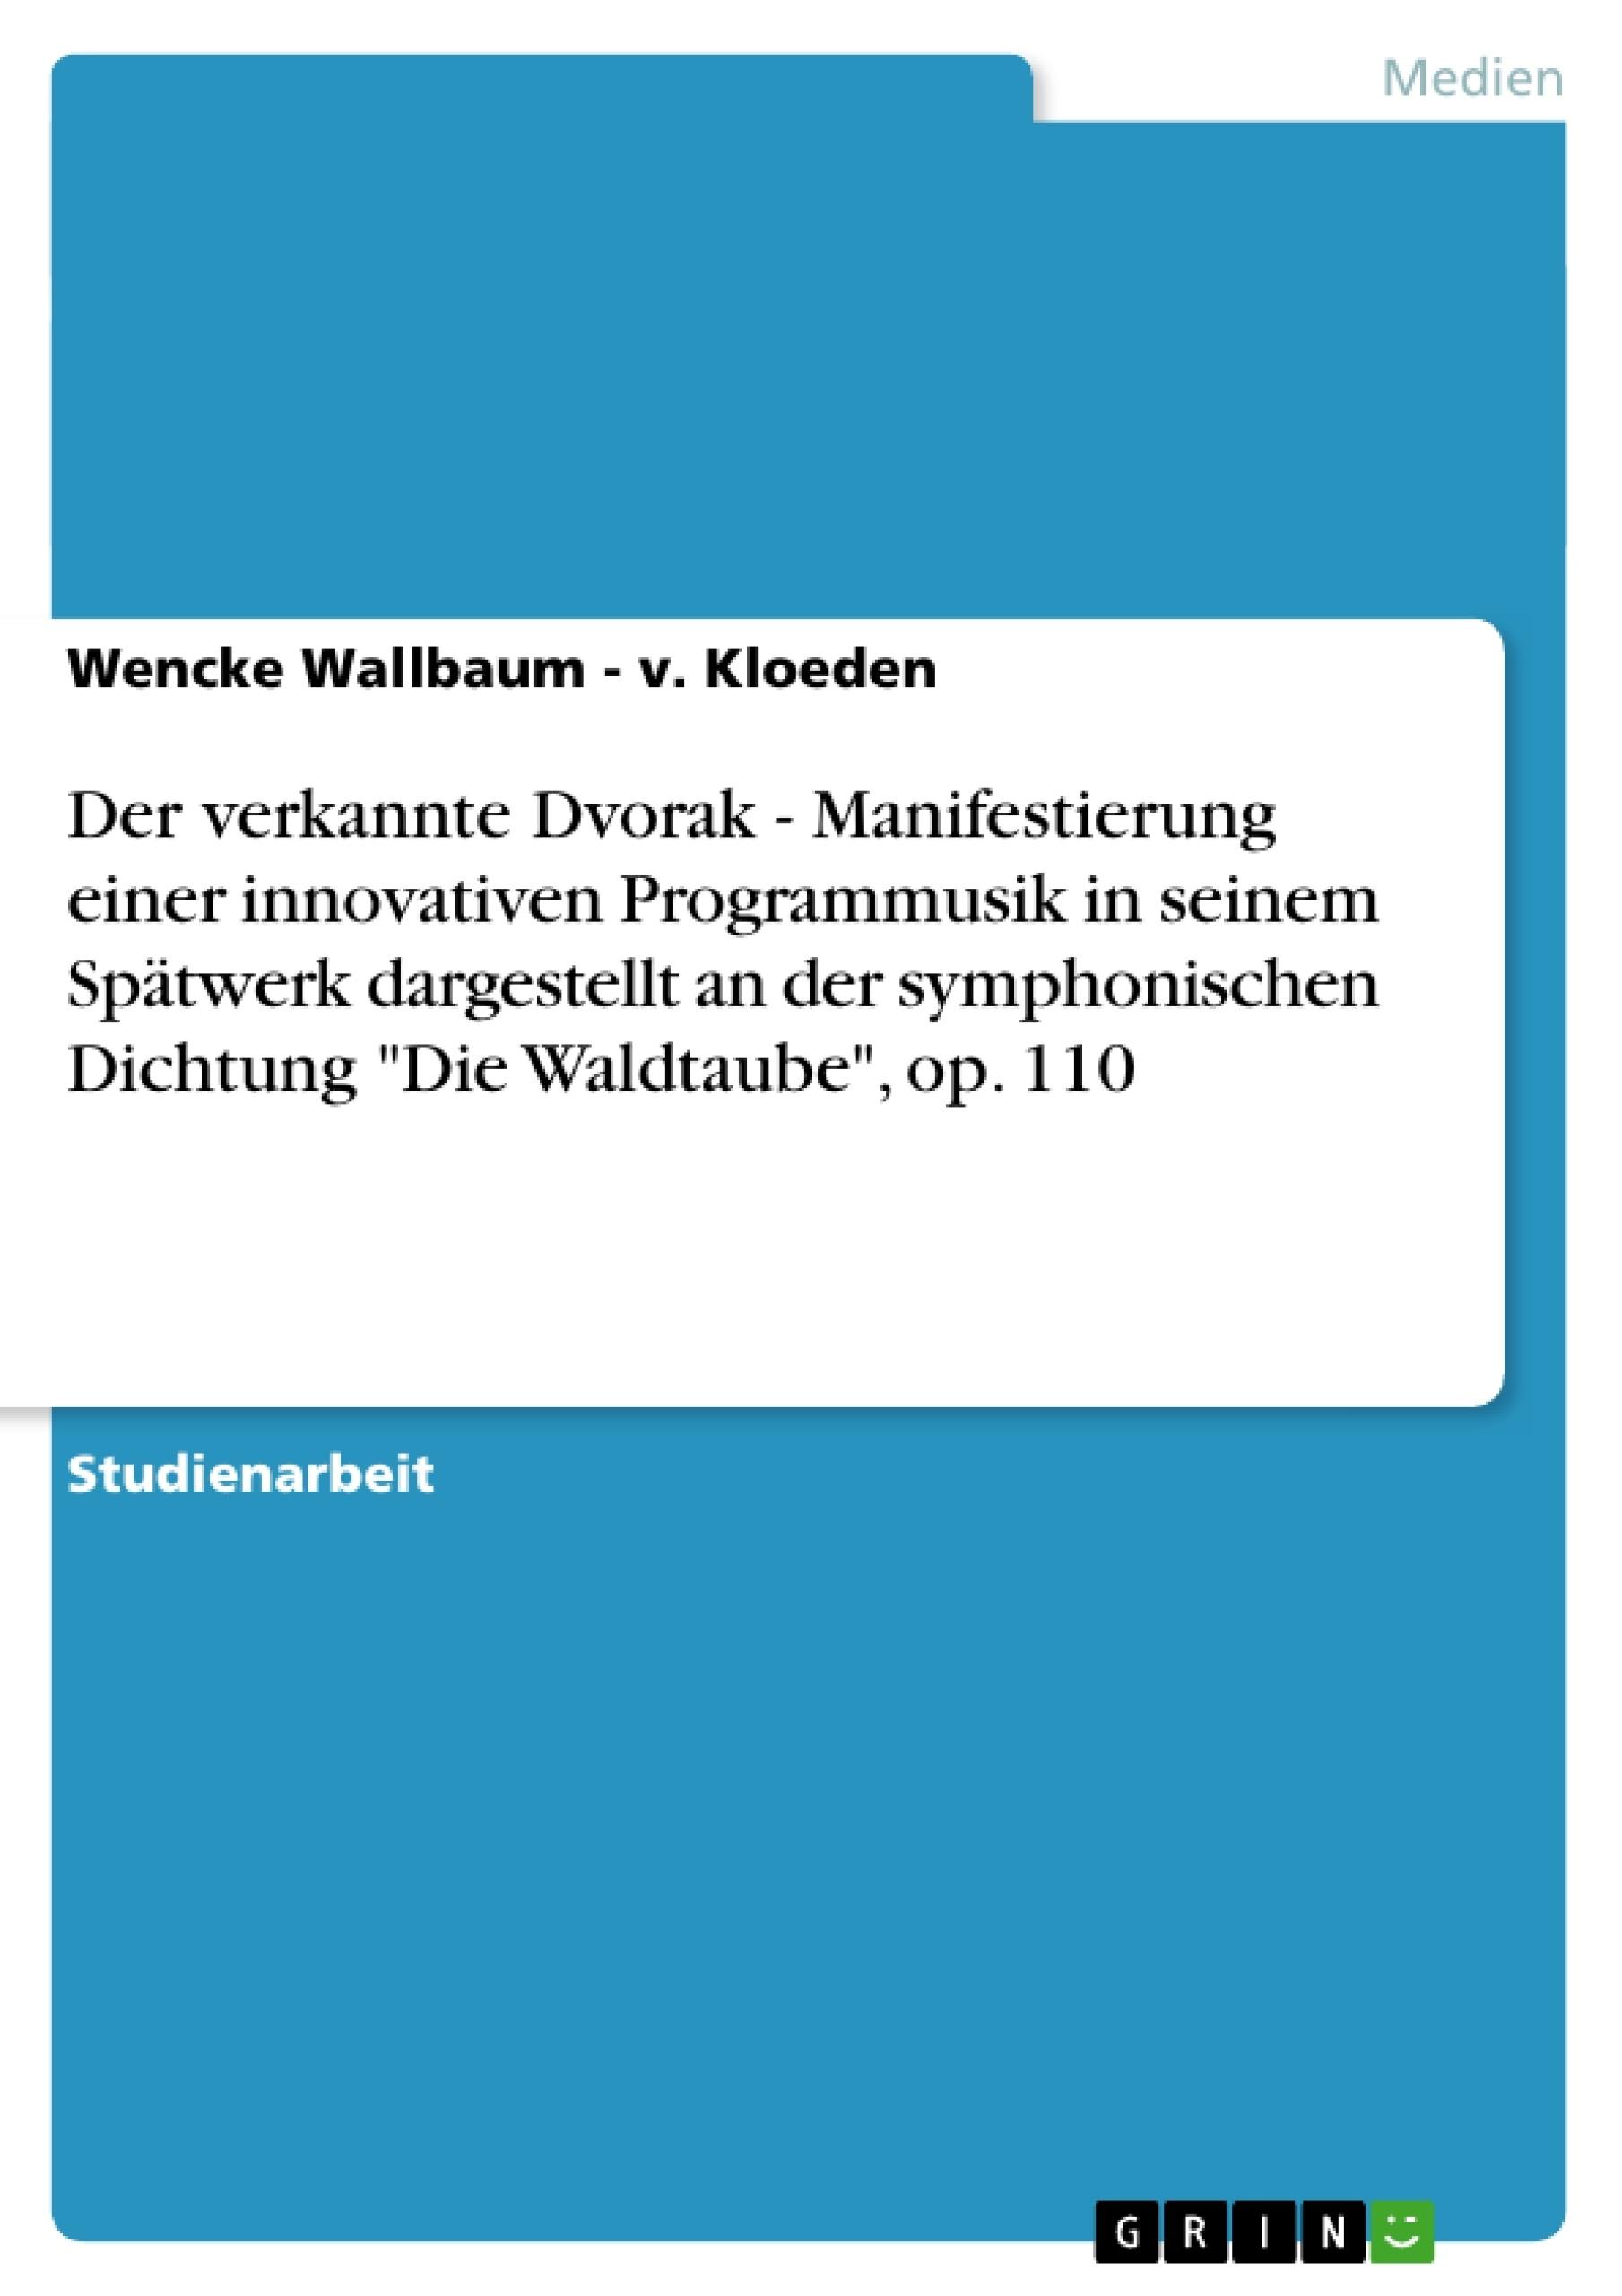 """Titel: Der verkannte Dvorak - Manifestierung einer innovativen Programmusik in seinem Spätwerk dargestellt an der symphonischen Dichtung """"Die Waldtaube"""", op. 110"""